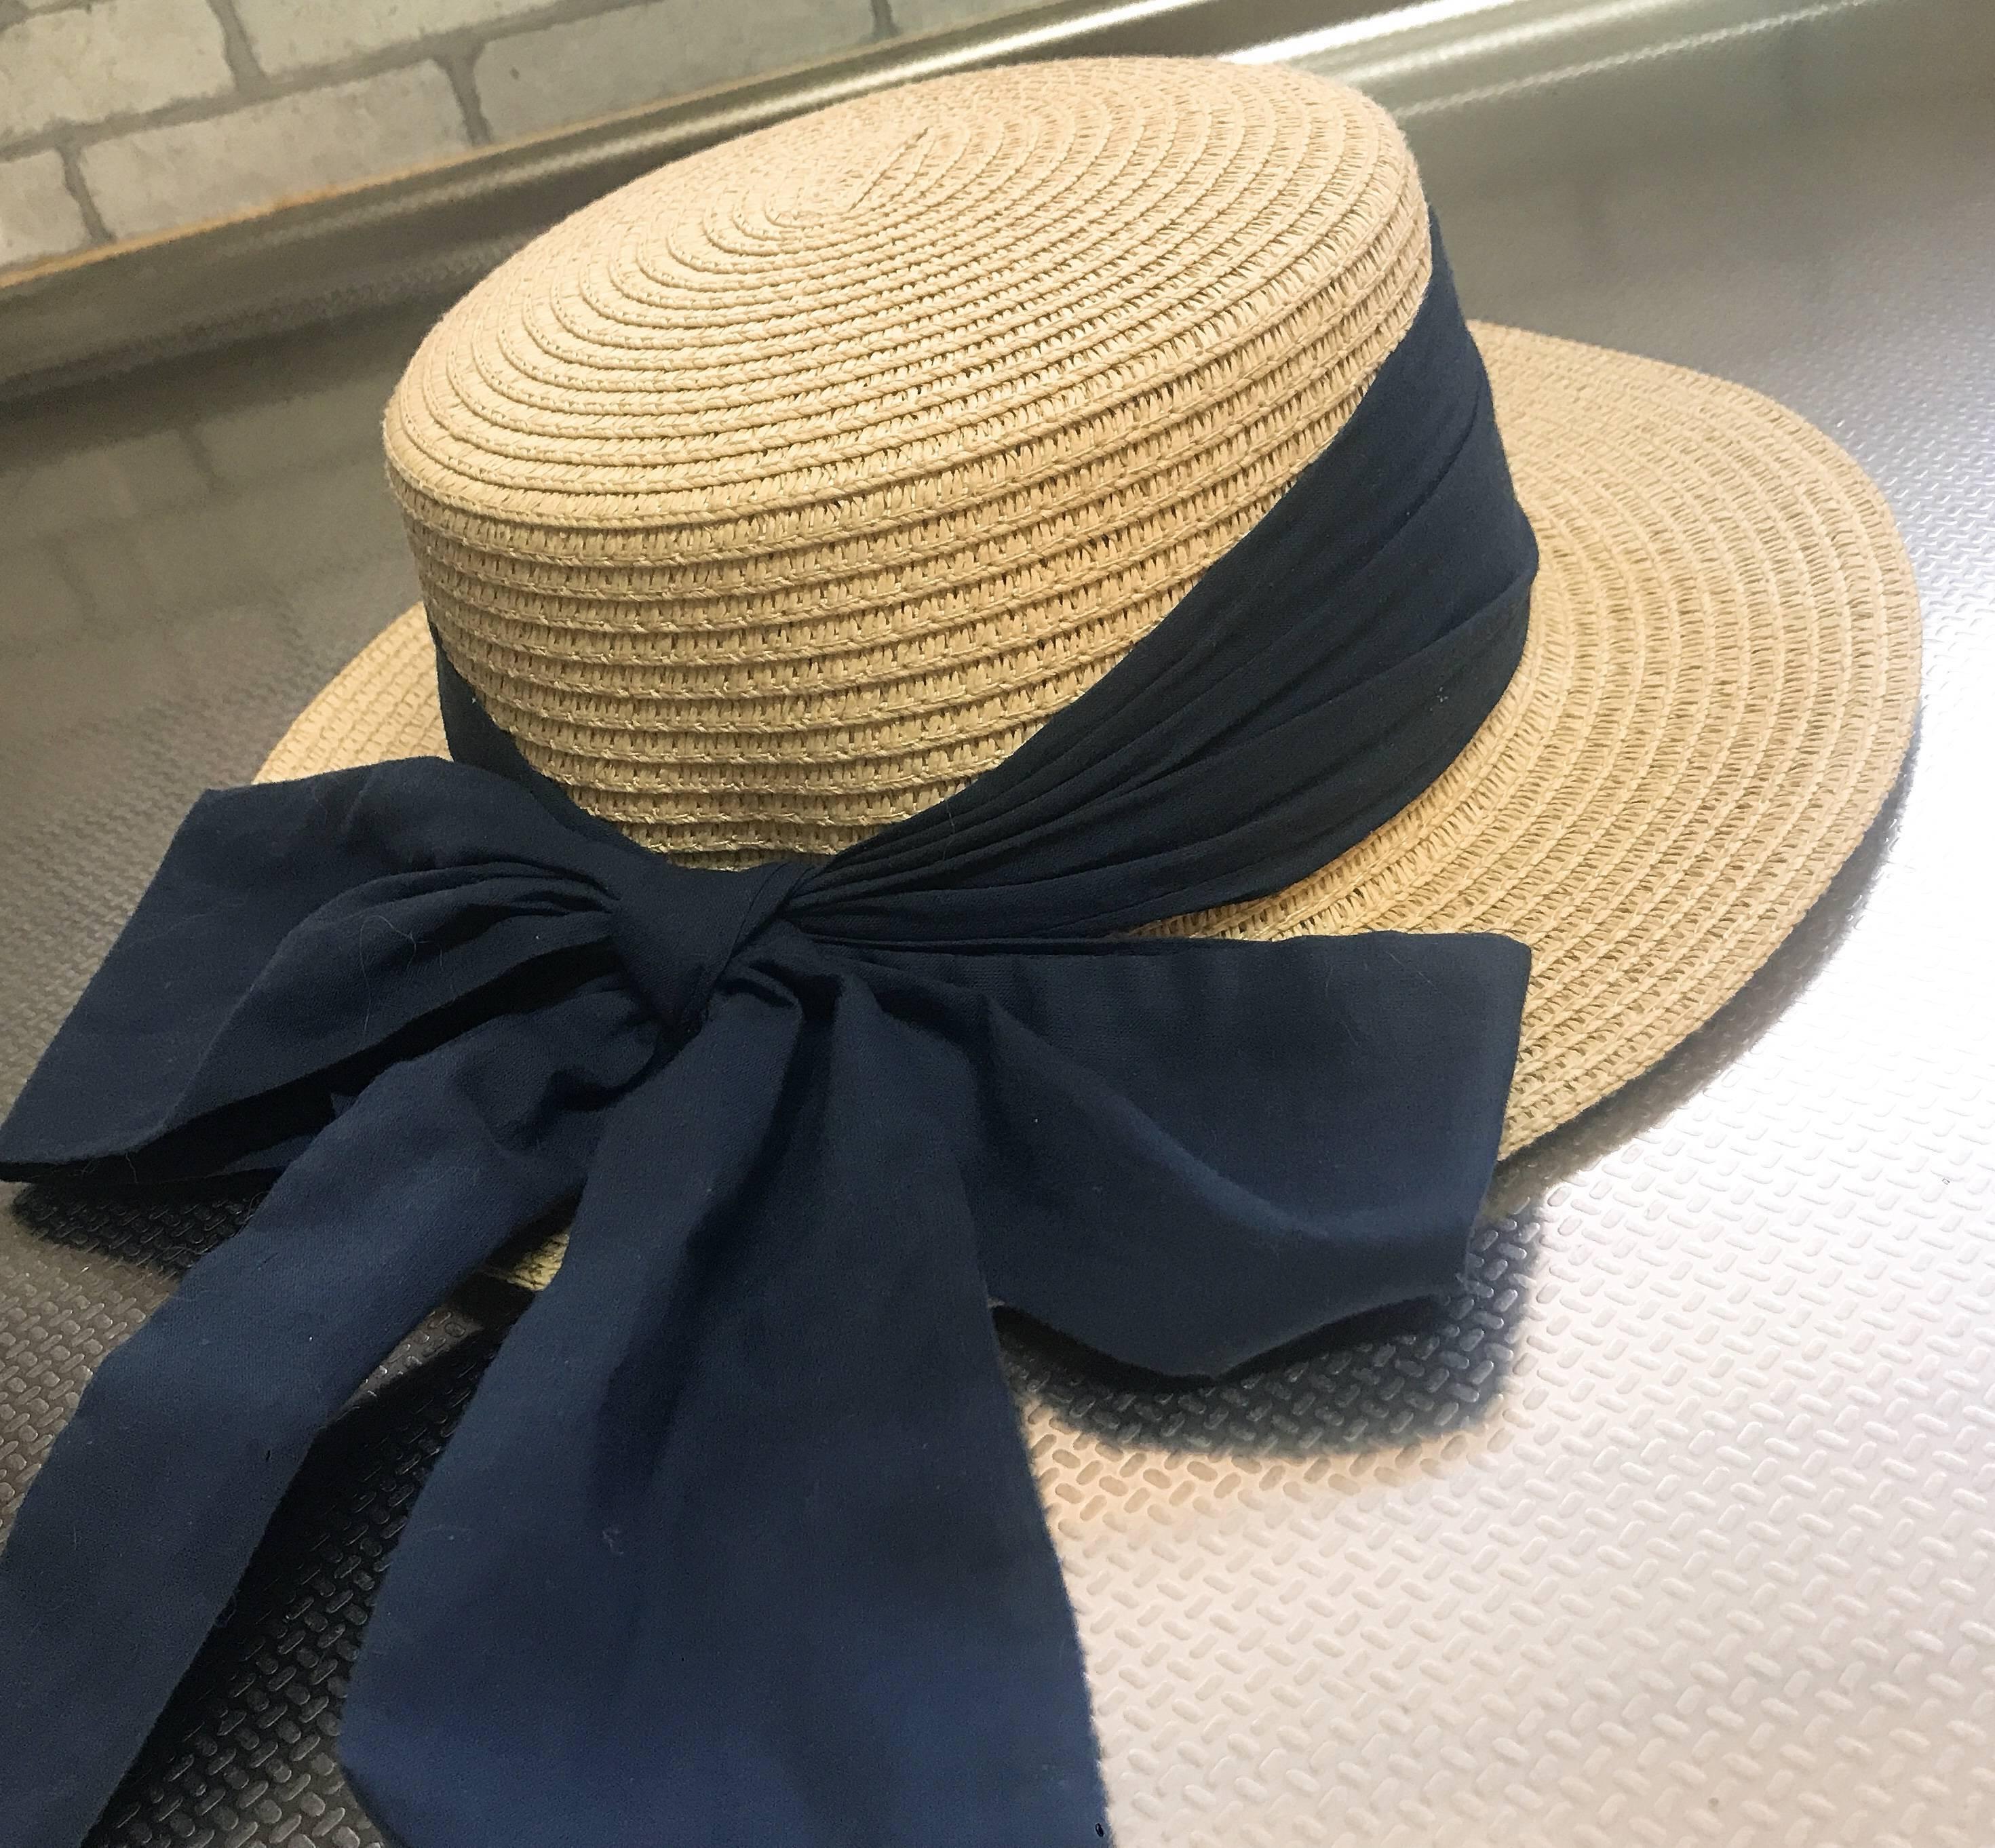 春夏のトレンドアイテム〈カンカン帽〉♪*゚_1_1